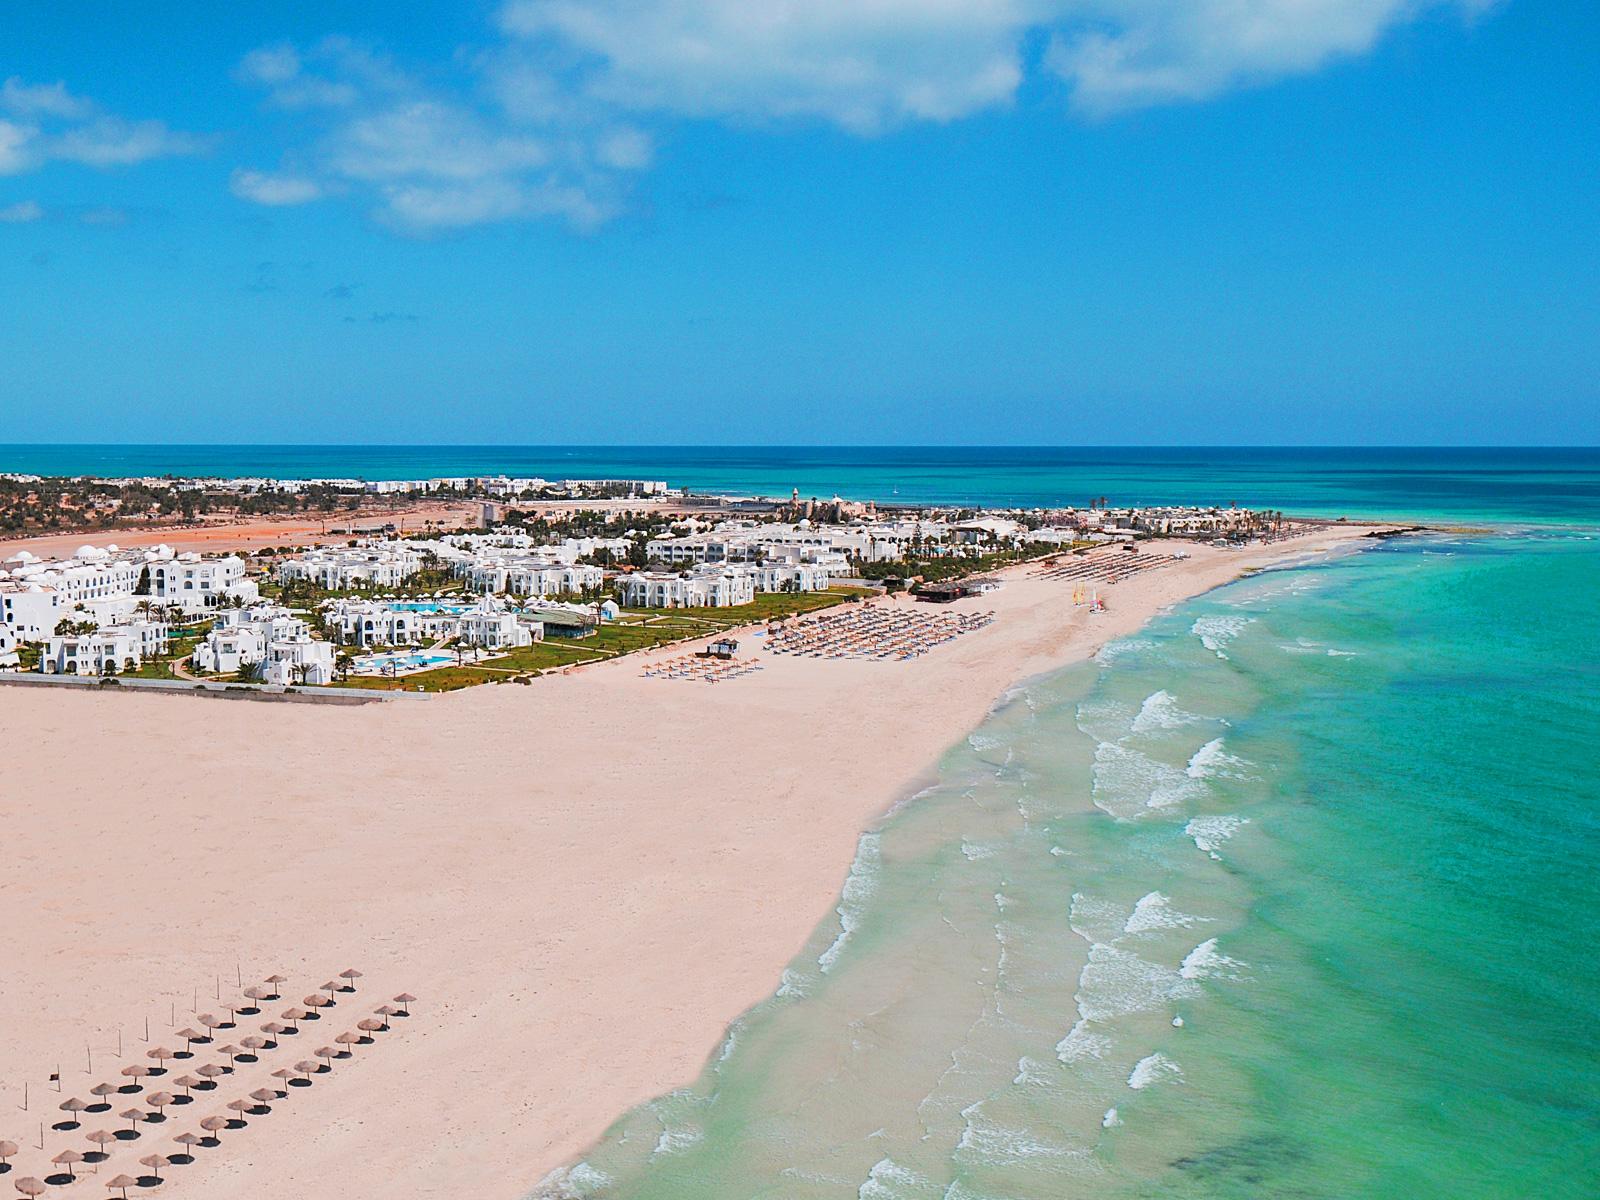 Hôtels à Djerba - Vincci Hoteles